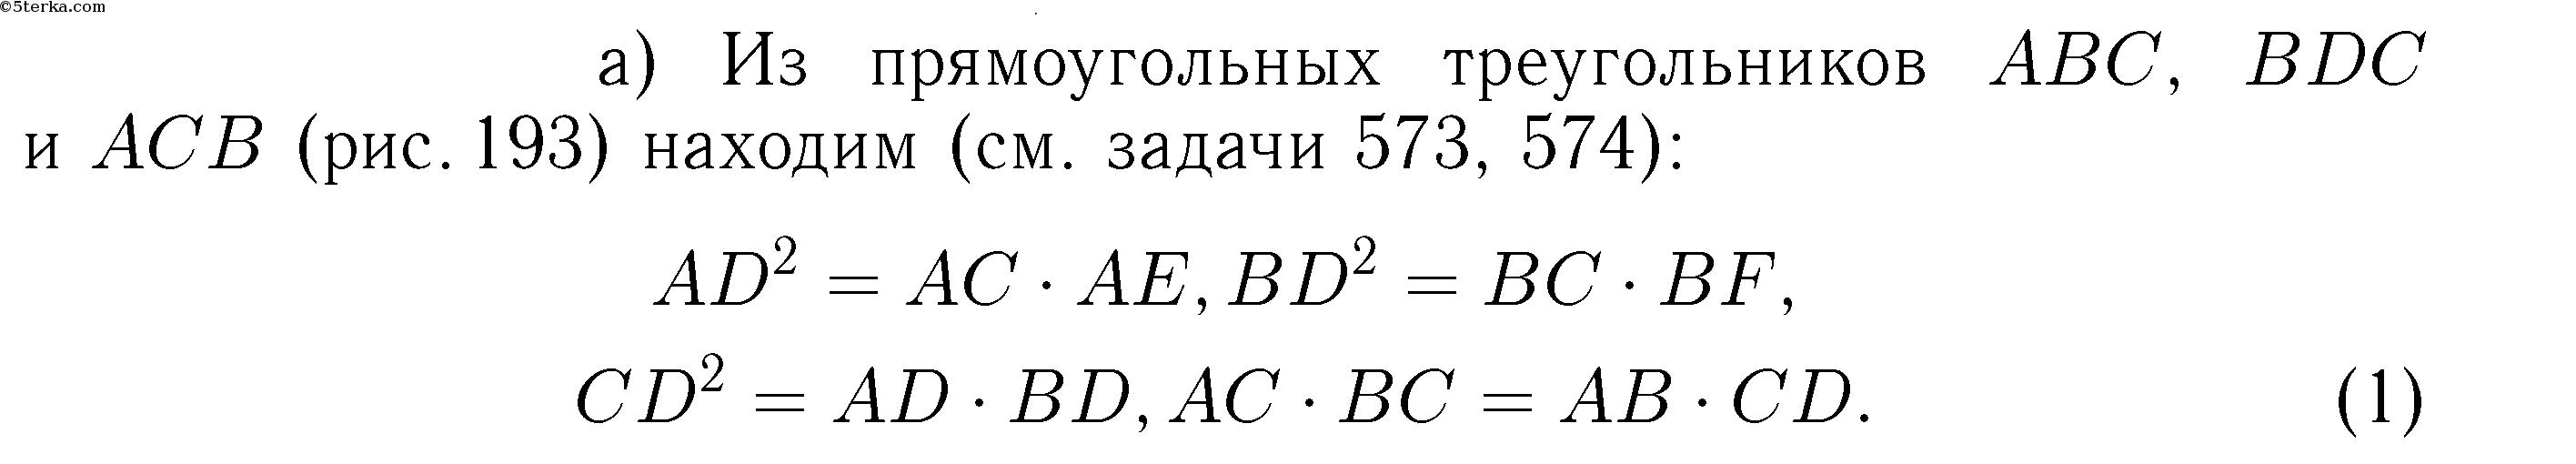 Скачать Решебник по Математики 6 Класса Никольский